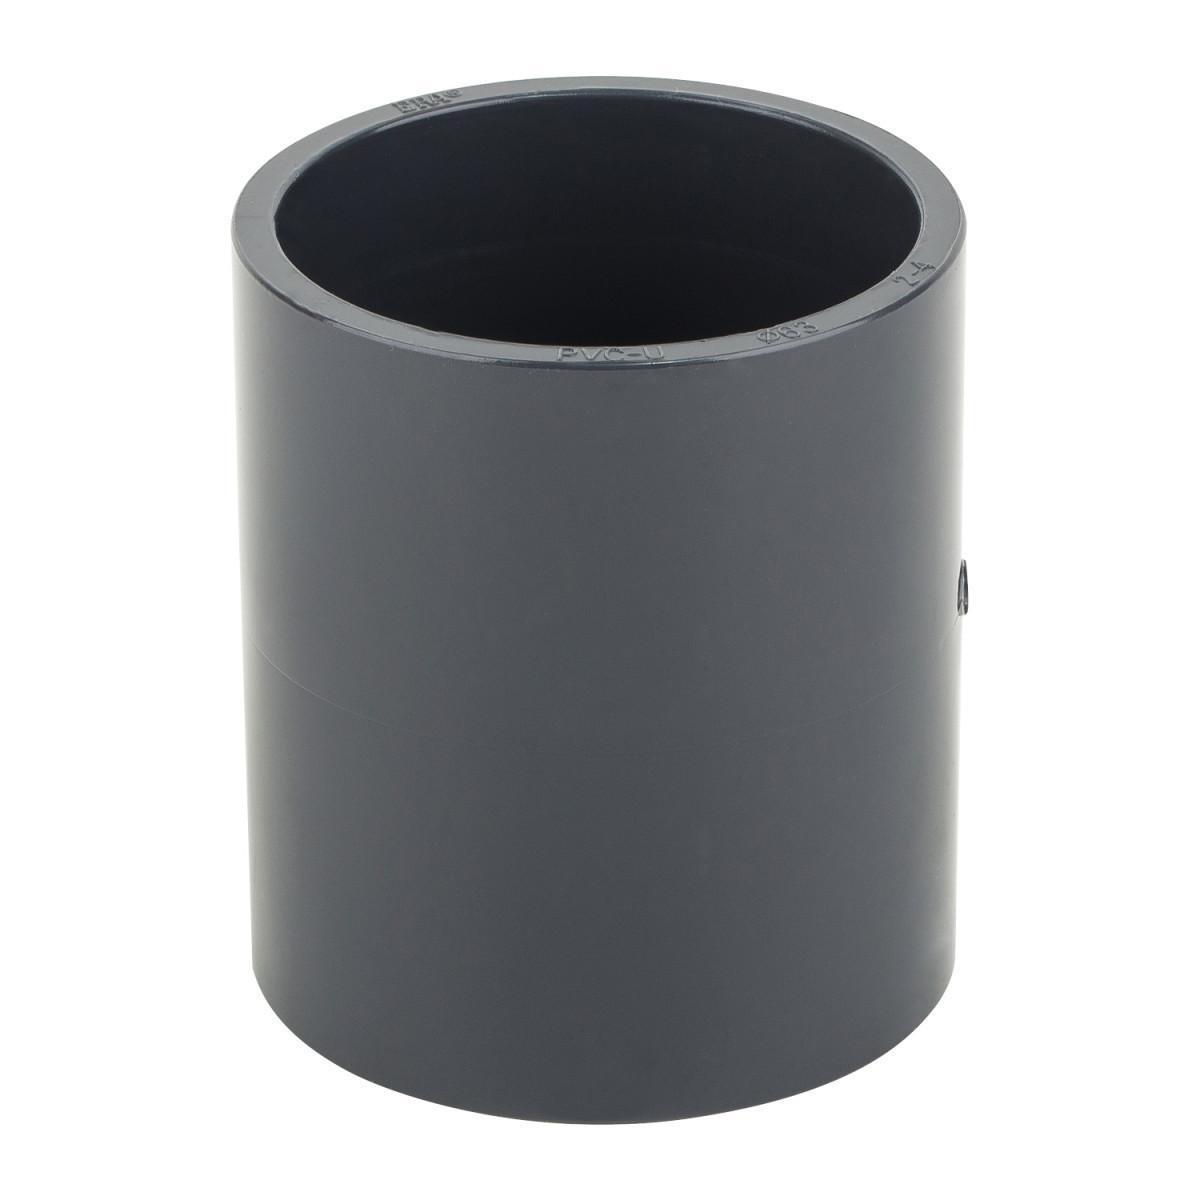 Муфта ПВХ ERA соеденительная, диаметр 110 мм.